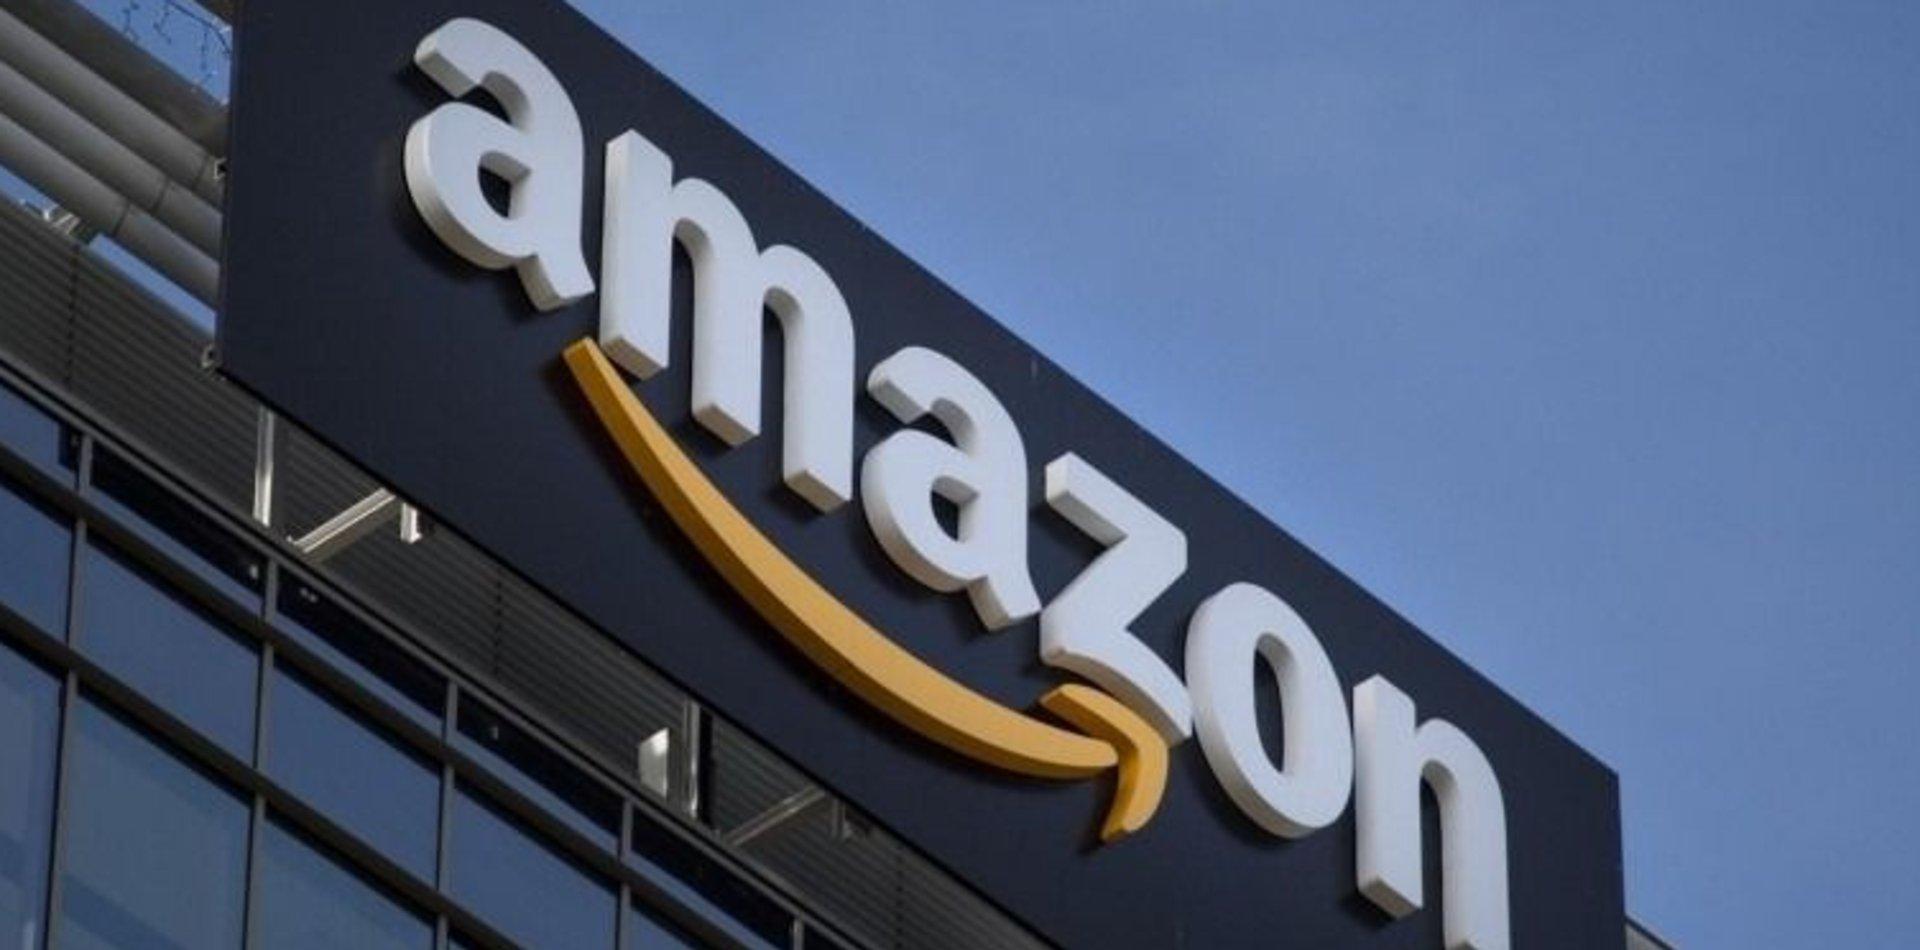 Amazon busca trabajadores en Argentina: ¿cómo postularse y cuáles son los sueldos?